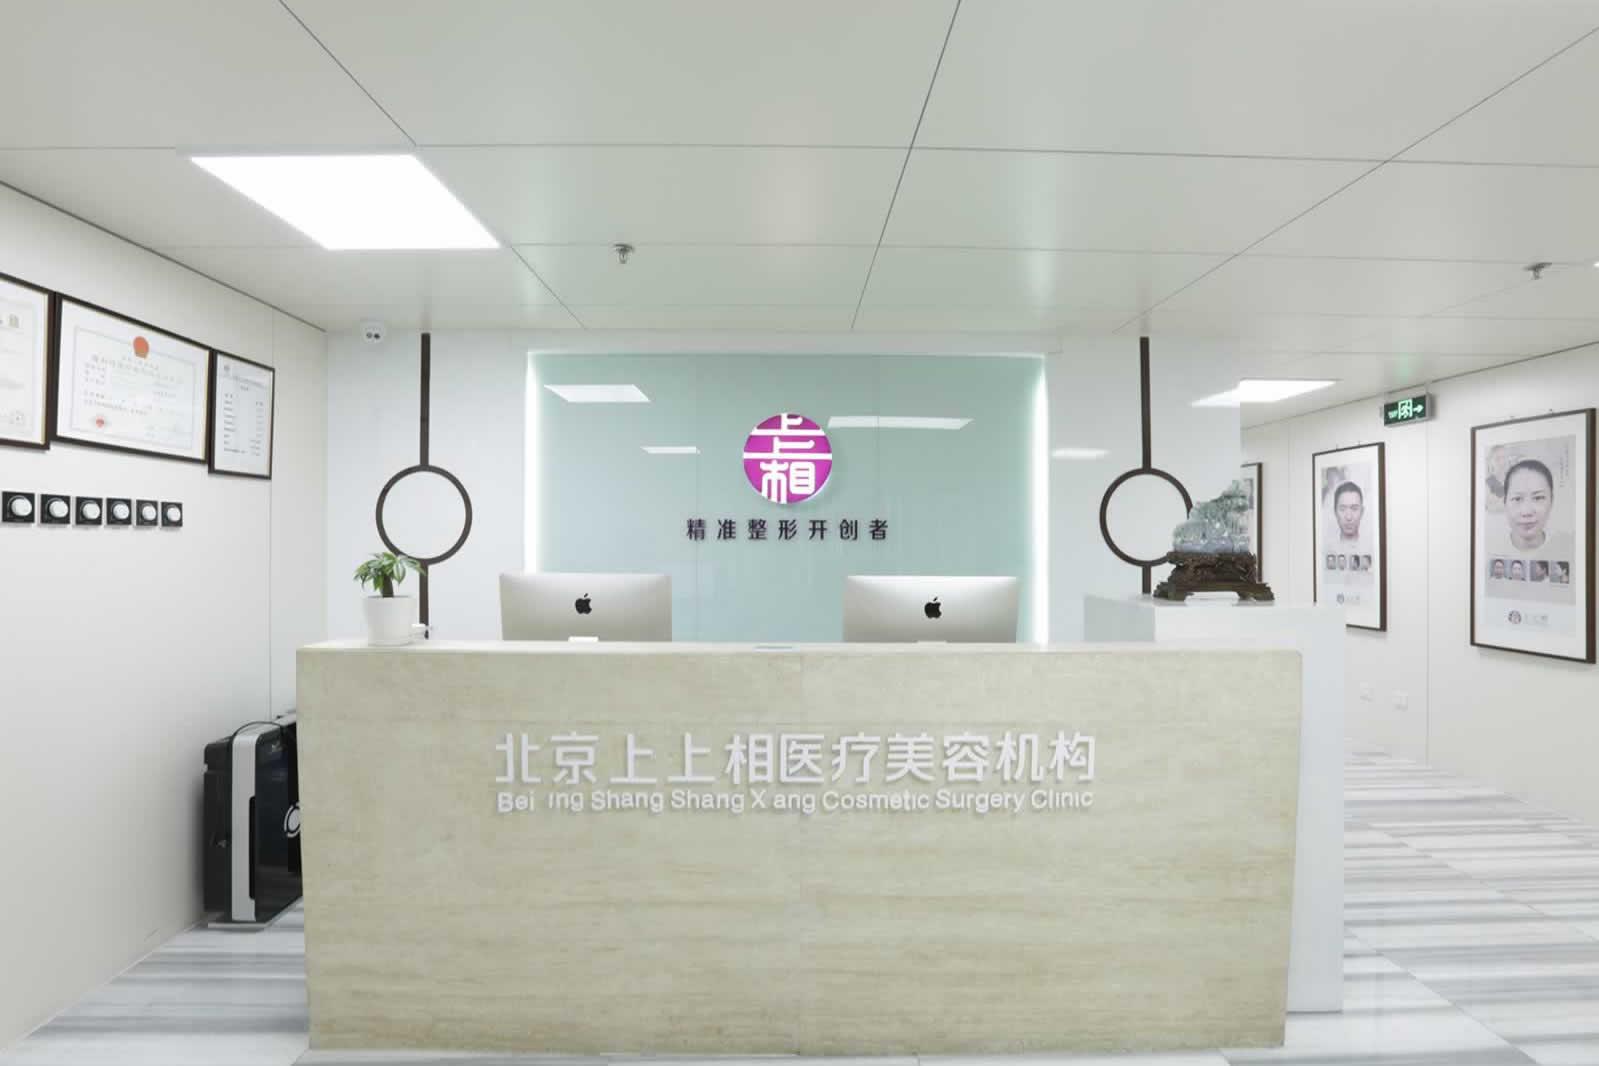 北京上上相整形美容医院口碑如何?不是骗人的!